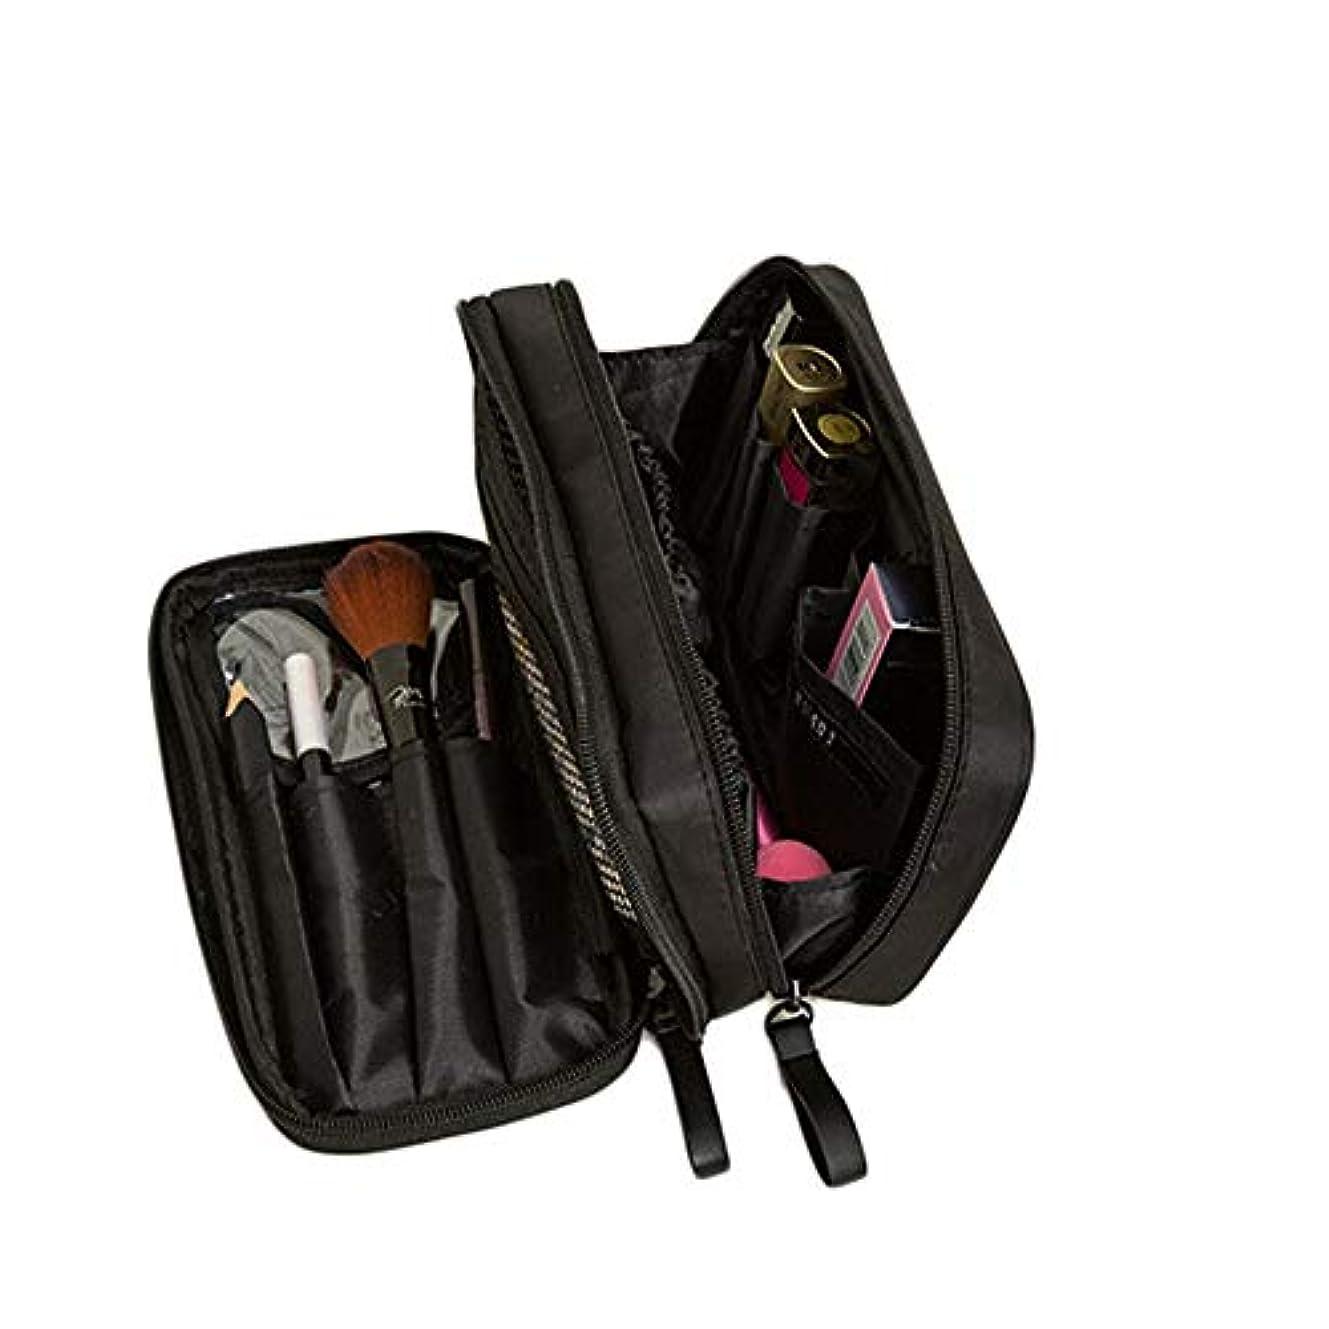 周波数昇る壮大な特大スペース収納ビューティーボックス 携帯用化粧品袋、専門の化粧品袋の札入れの旅行者の密集した二重層化粧品/化粧品のブラシ袋の女性、旅行/電車セットの貯蔵袋。 化粧品化粧台 (色 : ブラック)